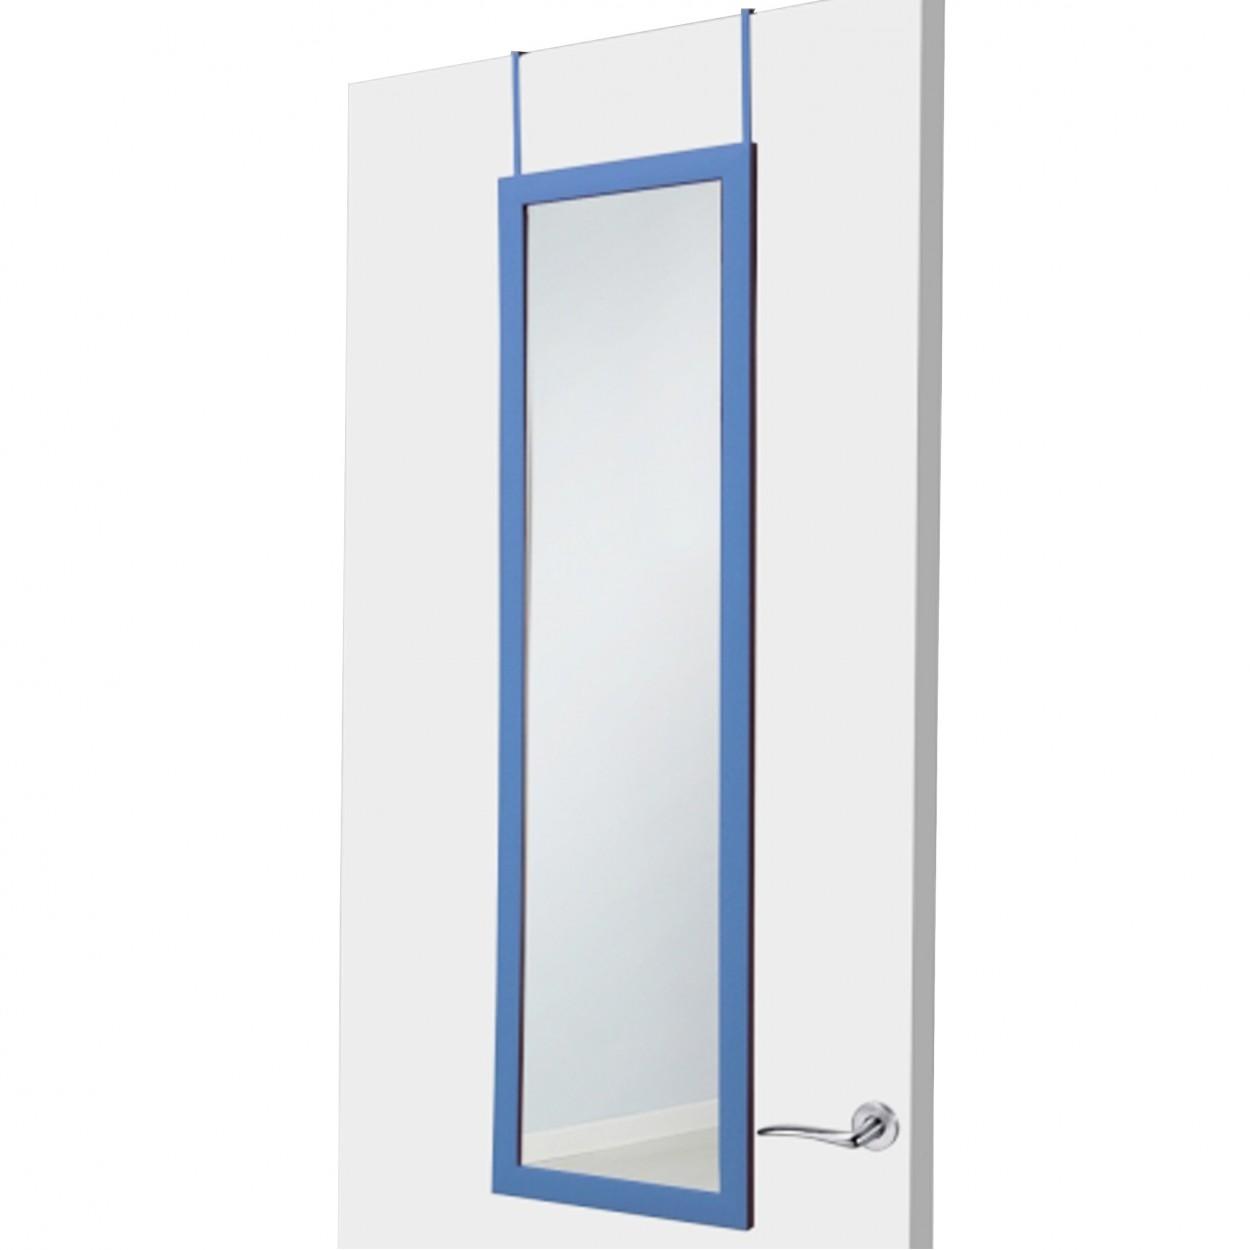 Espejo para puerta azul sin agujeros hogar y mas hogar y m s - Puertas de espejo ...